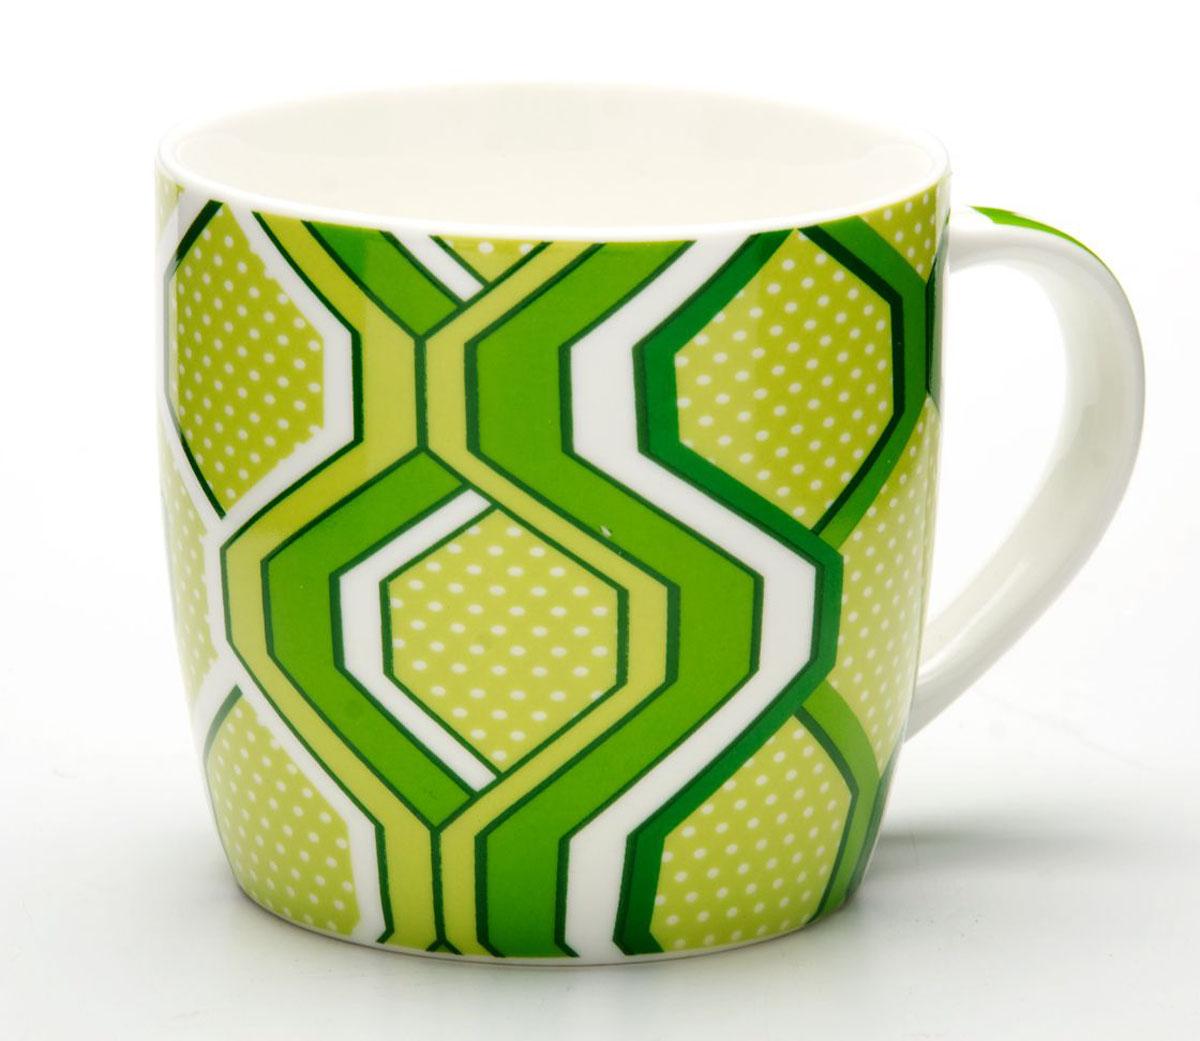 Кружка Loraine, цвет: светло-зеленый, 320 мл. 2448724487_светло-зеленыйКружка Loraine изготовлена из прочного качественного костяного фарфора. Изделие оформлено красочным рисунком. Благодаря своим термостатическим свойствам, изделие отлично сохраняет температуру содержимого - морозной зимой кружка будет согревать вас горячим чаем, а знойным летом, напротив, радовать прохладными напитками. Такой аксессуар создаст атмосферу тепла и уюта, настроит на позитивный лад и подарит хорошее настроение с самого утра. Это оригинальное изделие идеально подойдет в подарок близкому человеку. Диаметр (по верхнему краю): 8,5 см.Высота кружки: 8,2 см. Объем: 320 мл.